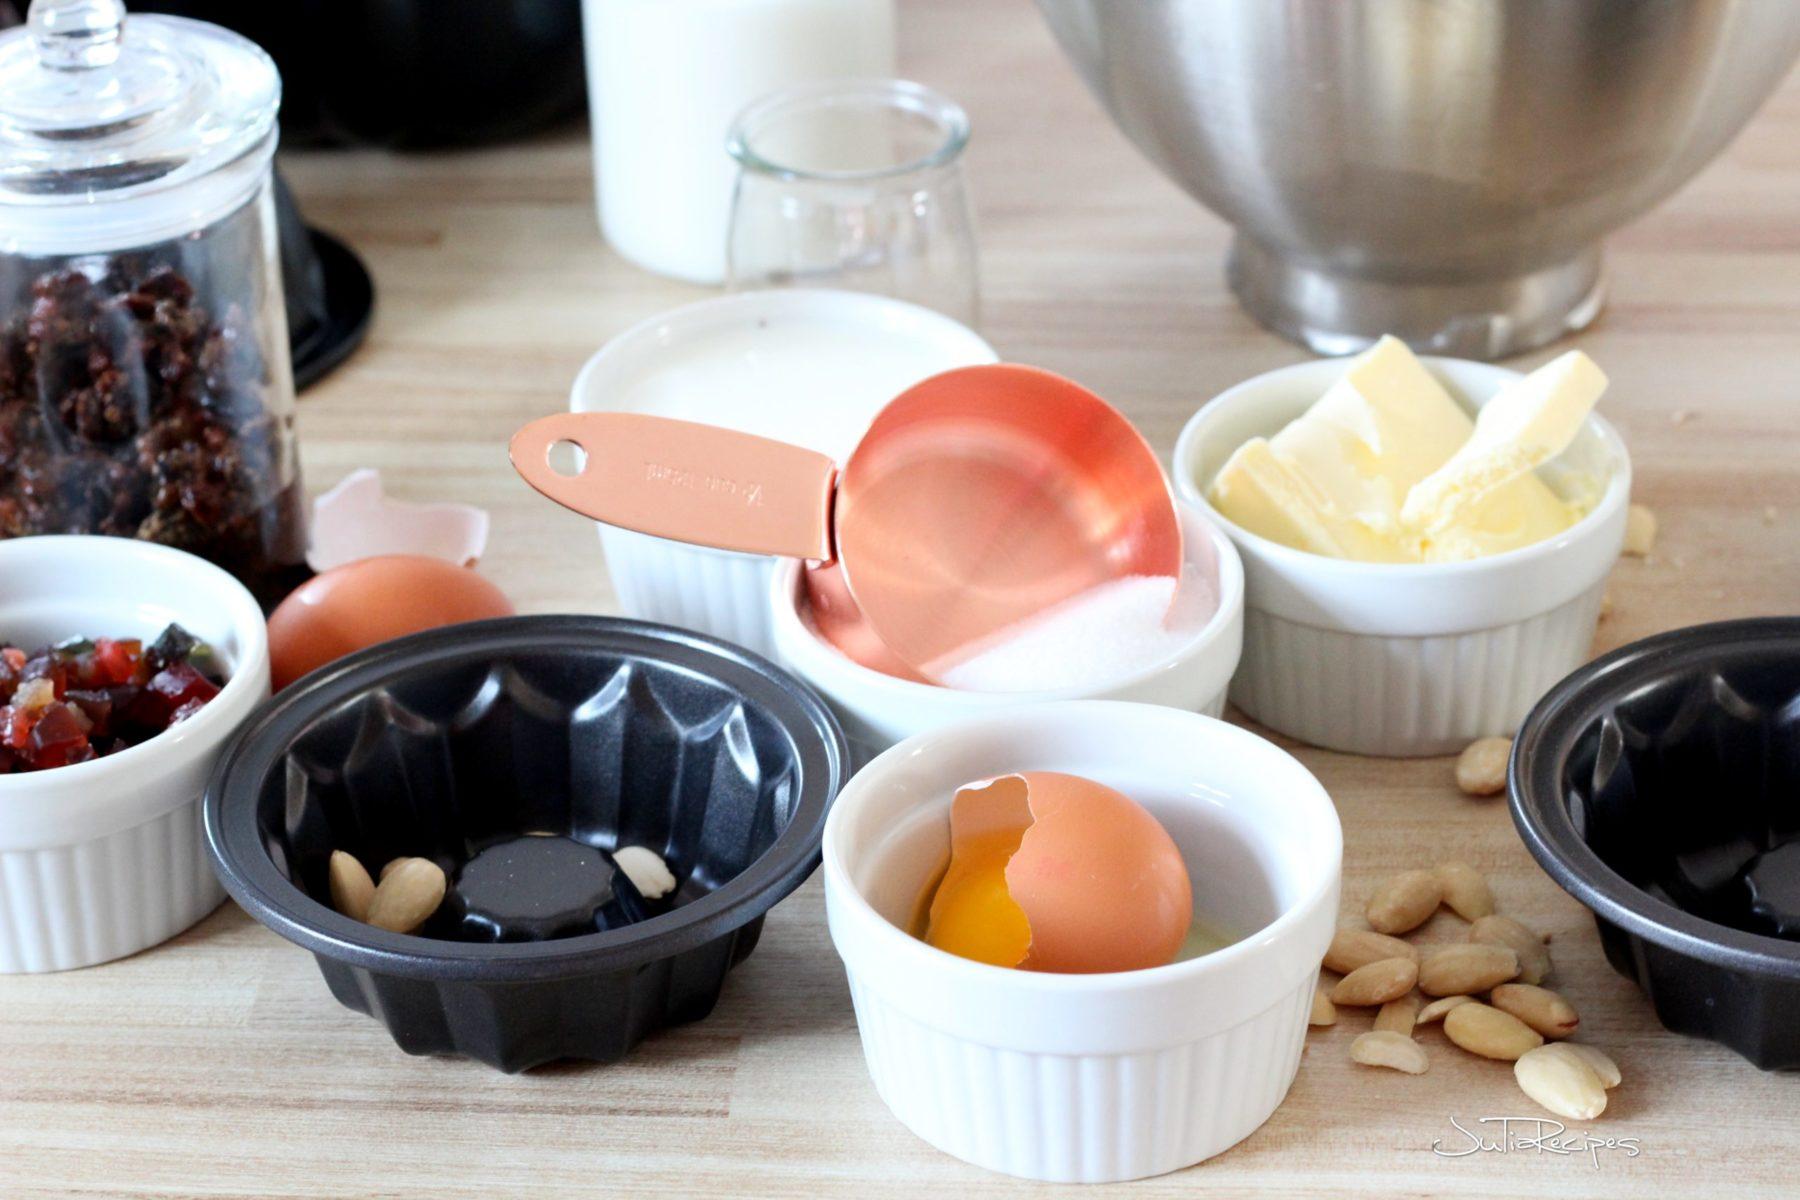 Ingredients for alsatian brioche kuglof